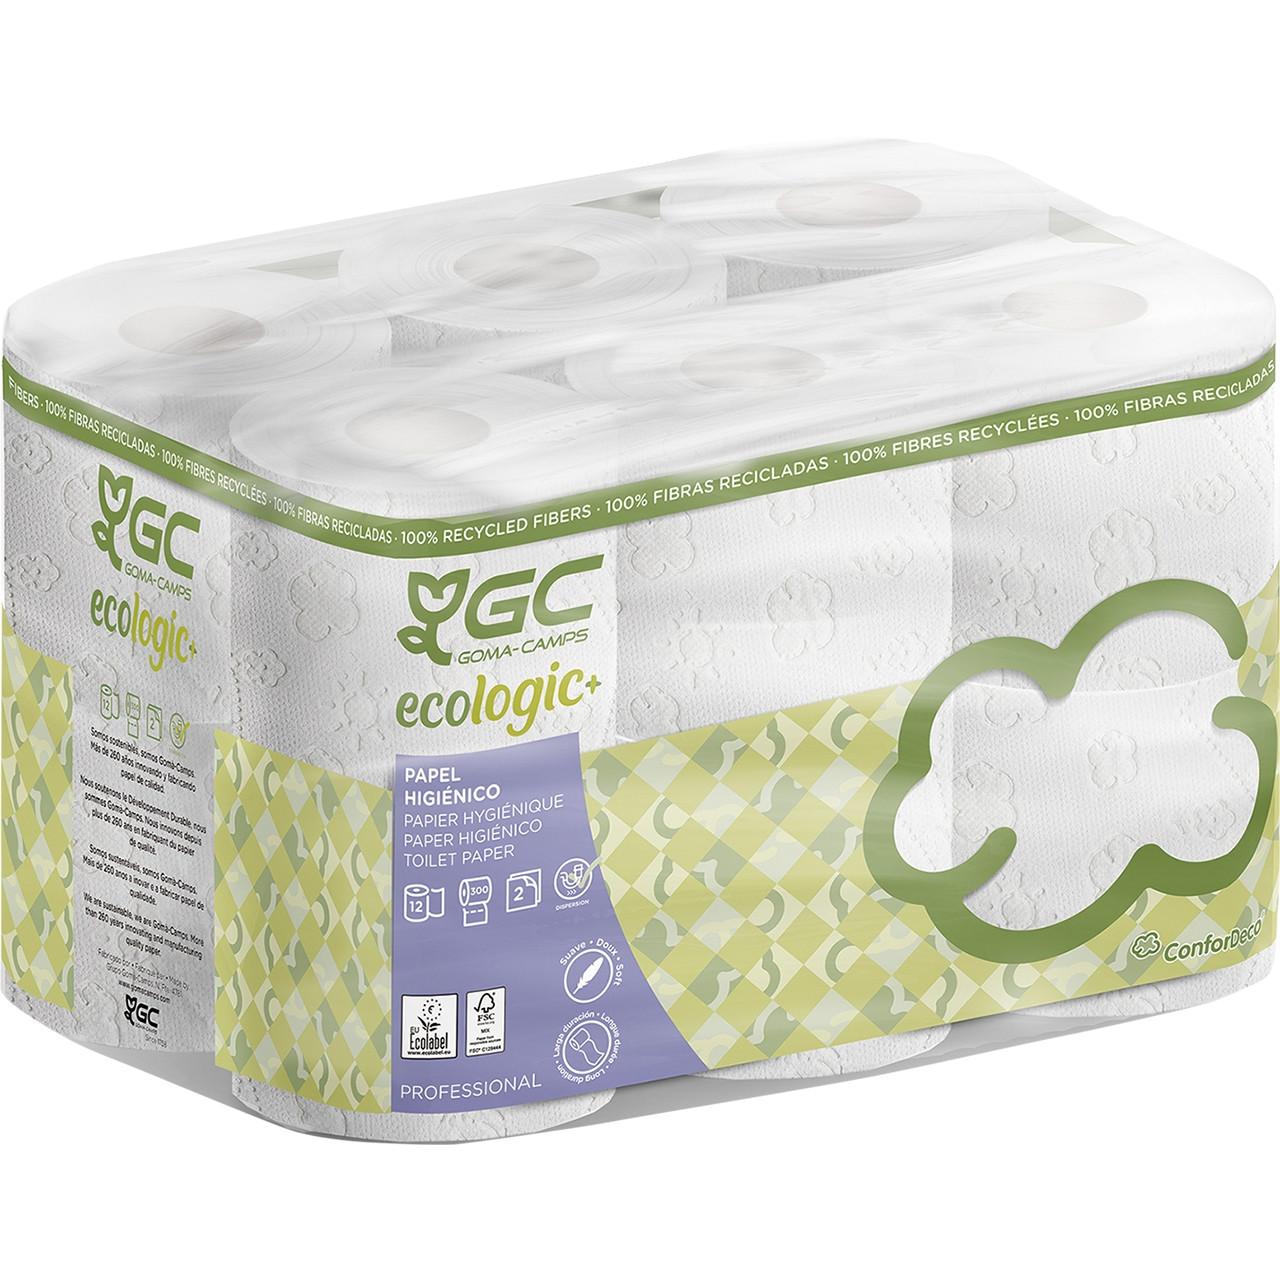 Higienic 2c. eco confordeco gc estandar